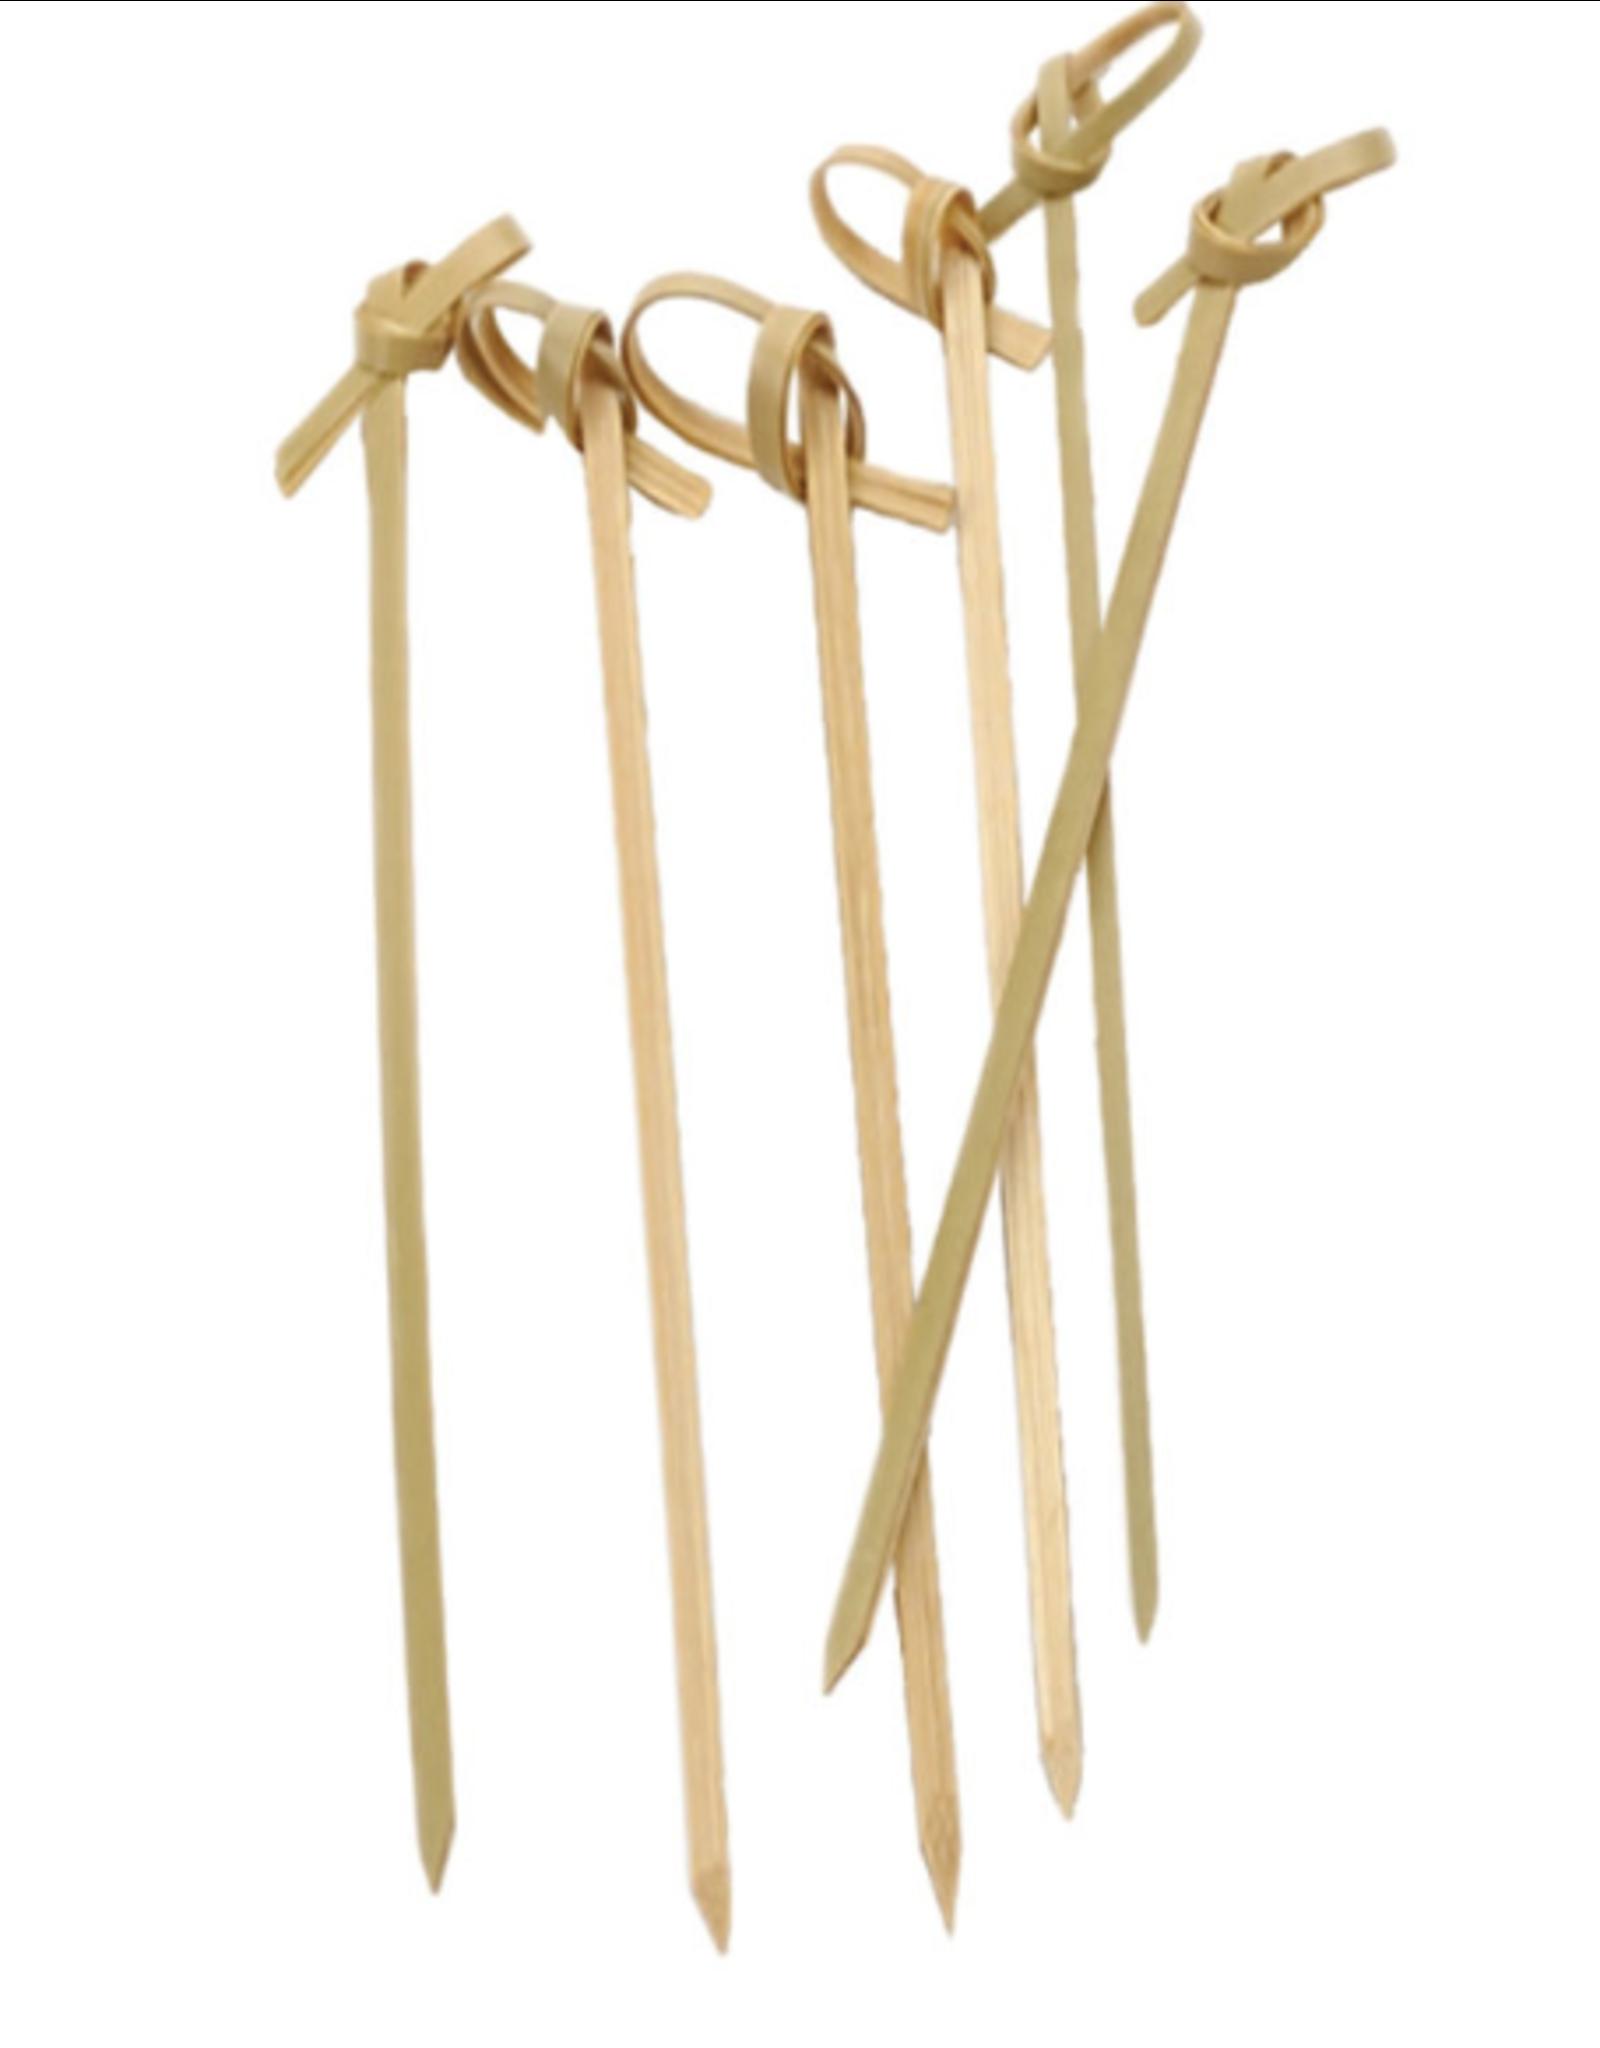 Danica Bamboo Knot Picks 50pcs